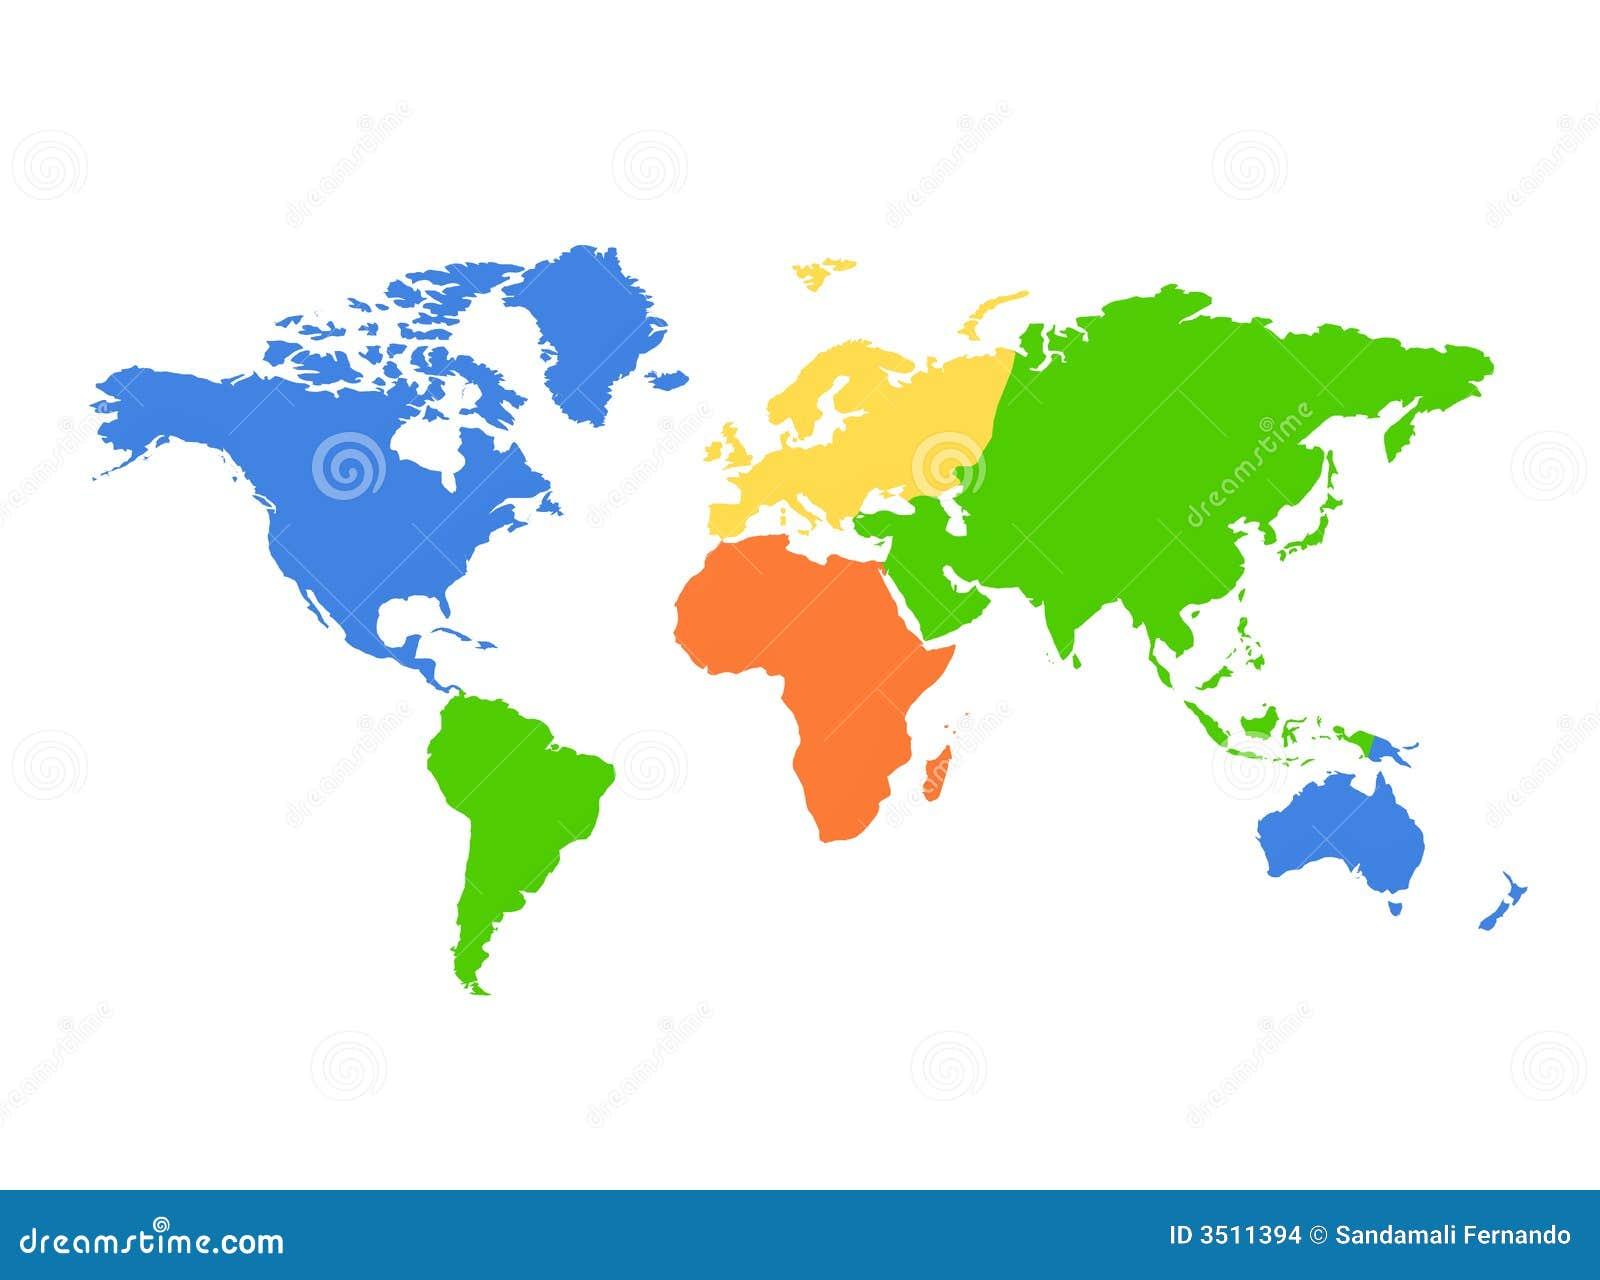 De kleurrijke kaart van de wereld van continenten stock afbeeldingen afbeelding 3511394 - Vloerlamp van de wereld ...